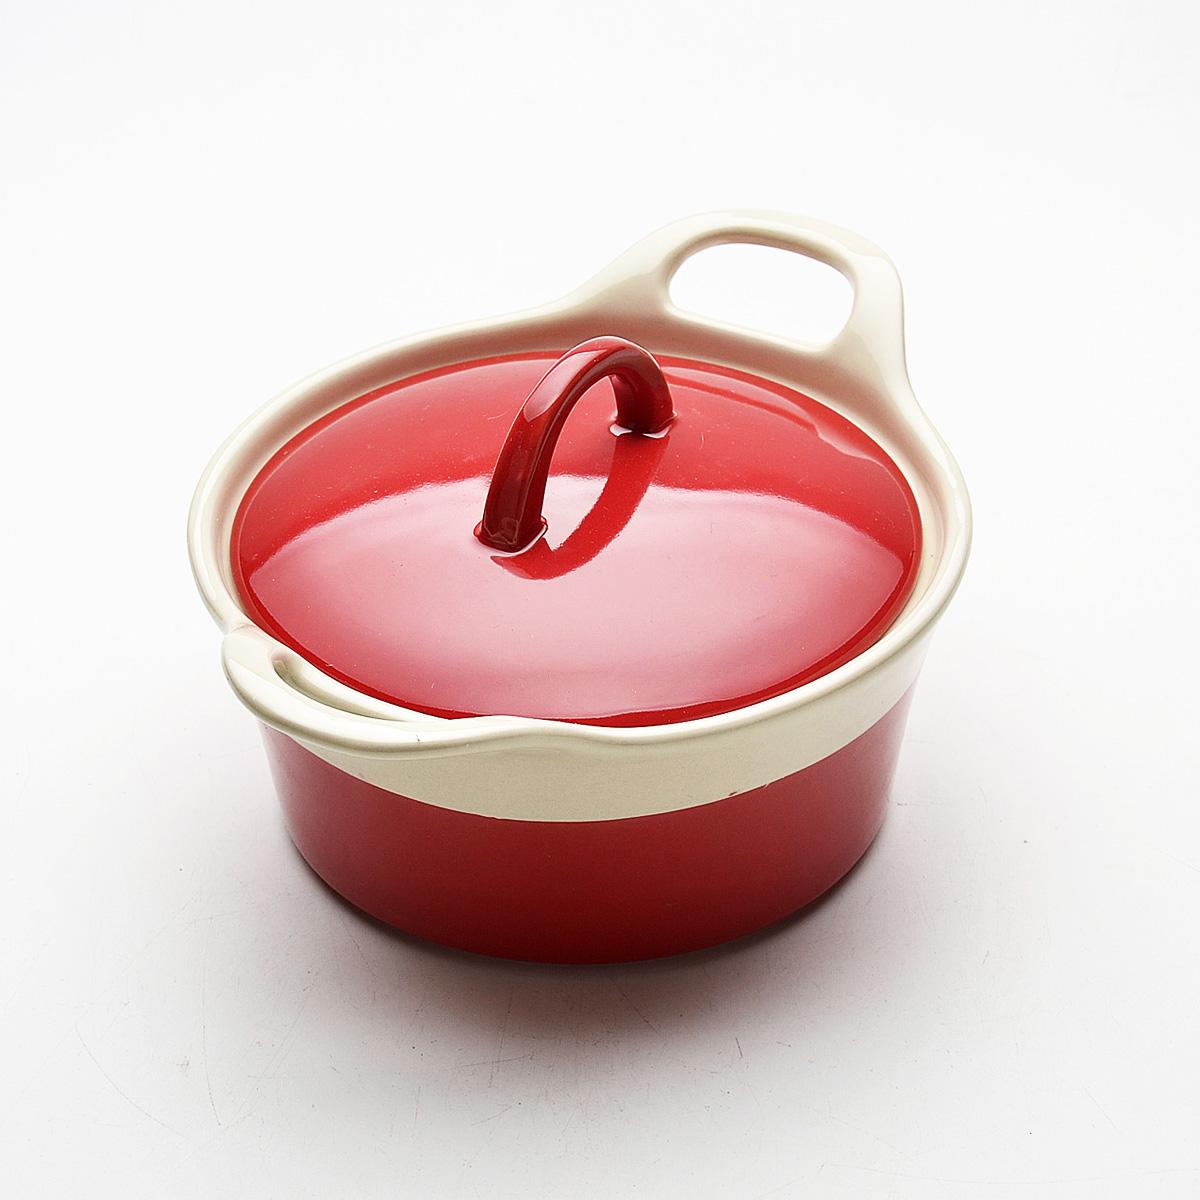 Жаровня Mayer & Boch с крышкой, цвет: красный, 680 мл21796Жаровня Mayer & Boch, изготовленная из жаропрочной керамики, подходит для любого вида пищи. Элегантный дизайн идеально подходит для современного дома. В комплект входит крышка из керамики. Глиняные ручки обеспечивают надежный захват.Изделия из керамики идеально подходят как для приготовления пищи, так и для подачи на стол. Материал не содержит свинца и кадмия. С такой жаровней вы всегда сможете порадовать своих близких оригинальным блюдом.Жаровню можно использовать на газовой, электрической плите, в духовом шкафу и в микроволновой печи, замораживать в холодильнике. Можно мыть в посудомоечной машине.Размер (с учетом ручек): 23,8 см х 18 см.Высота стенок: 8 см.Толщина стенок: 6-7 мм. Диаметр основания: 13 см.